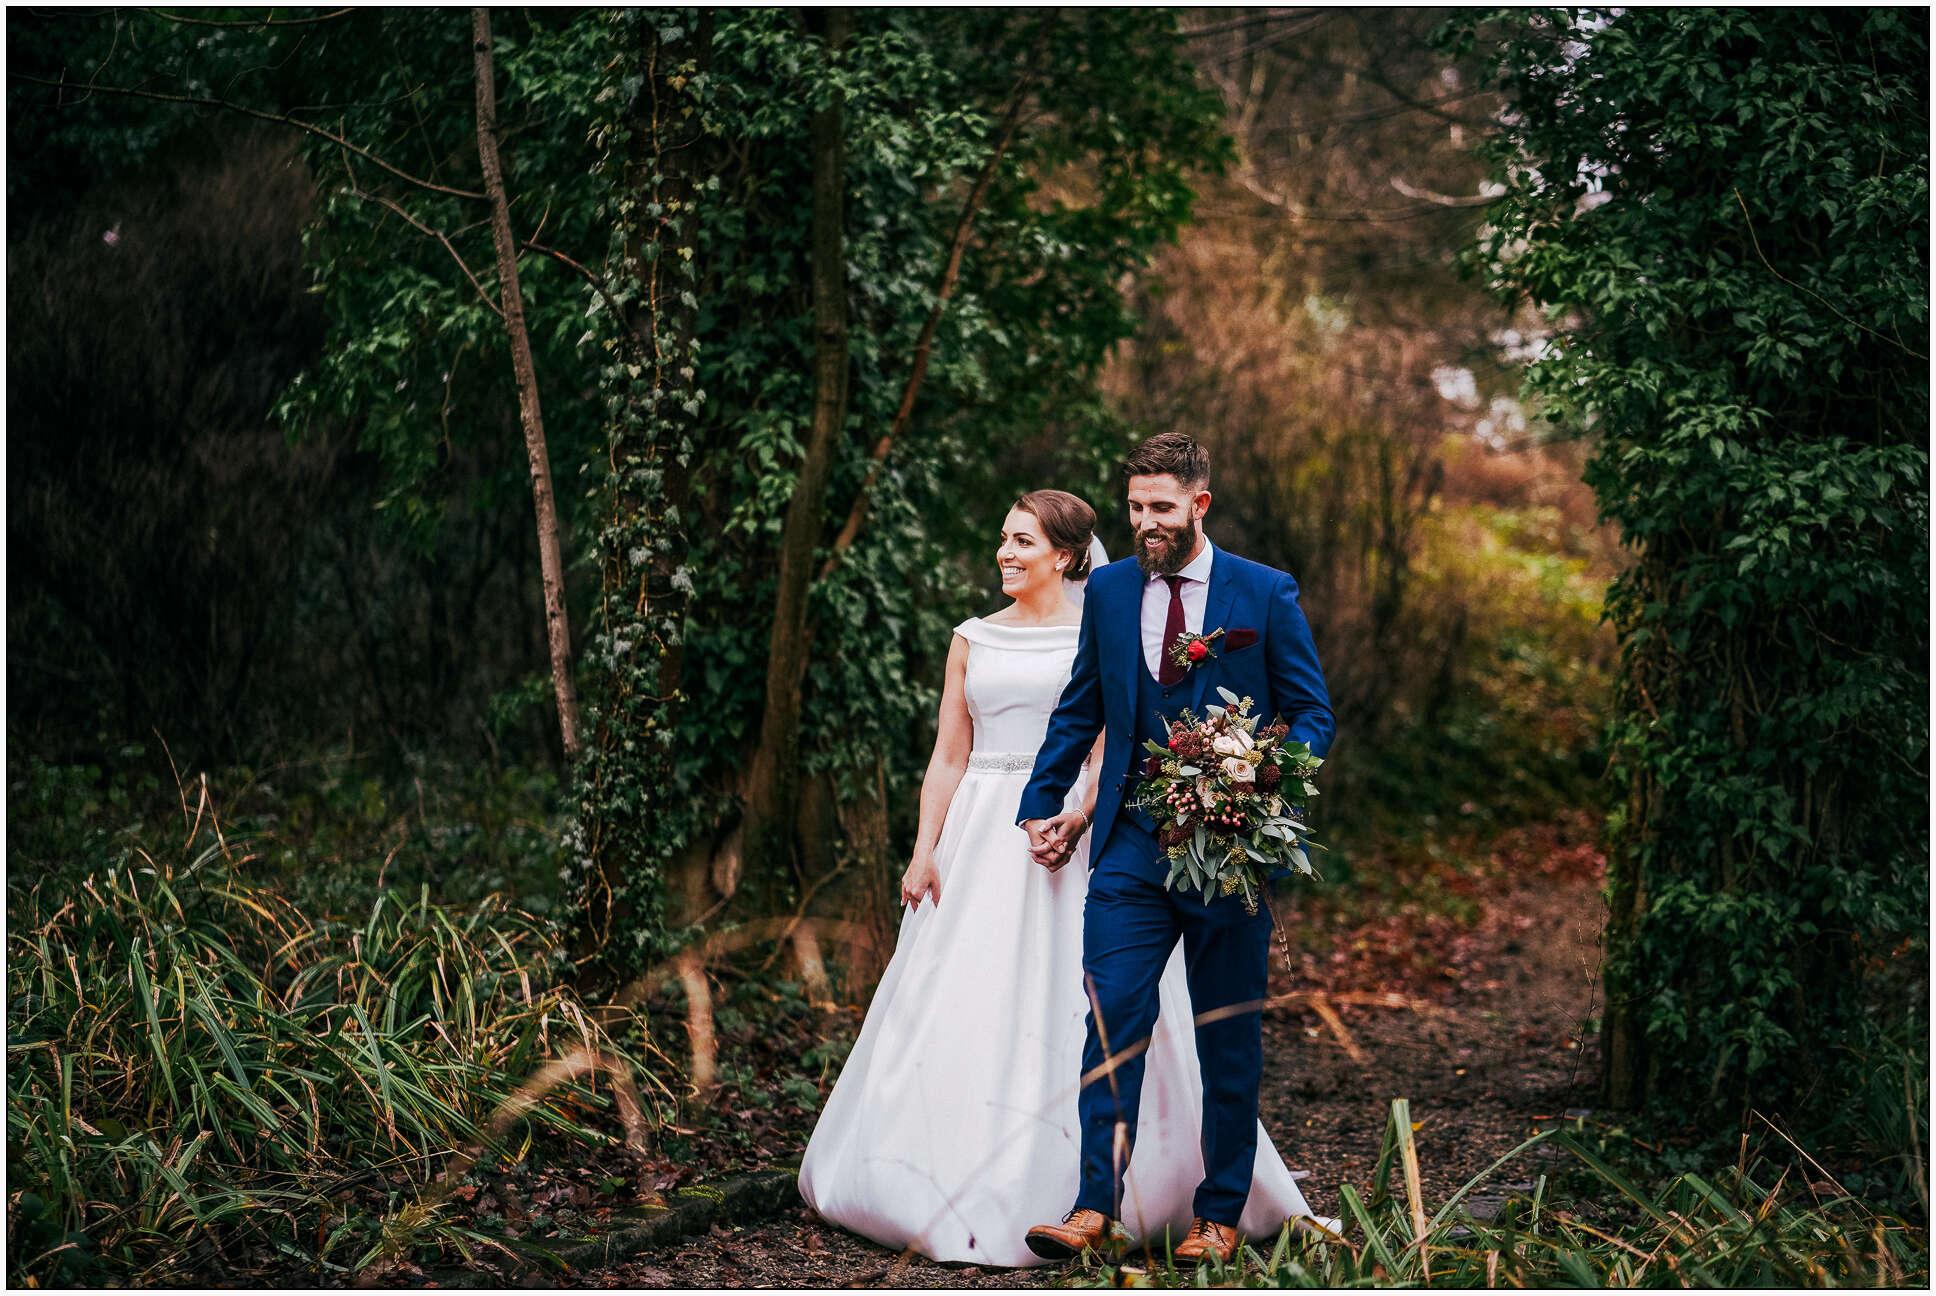 Mitton_Hall_Christmas_Wedding-42.jpg